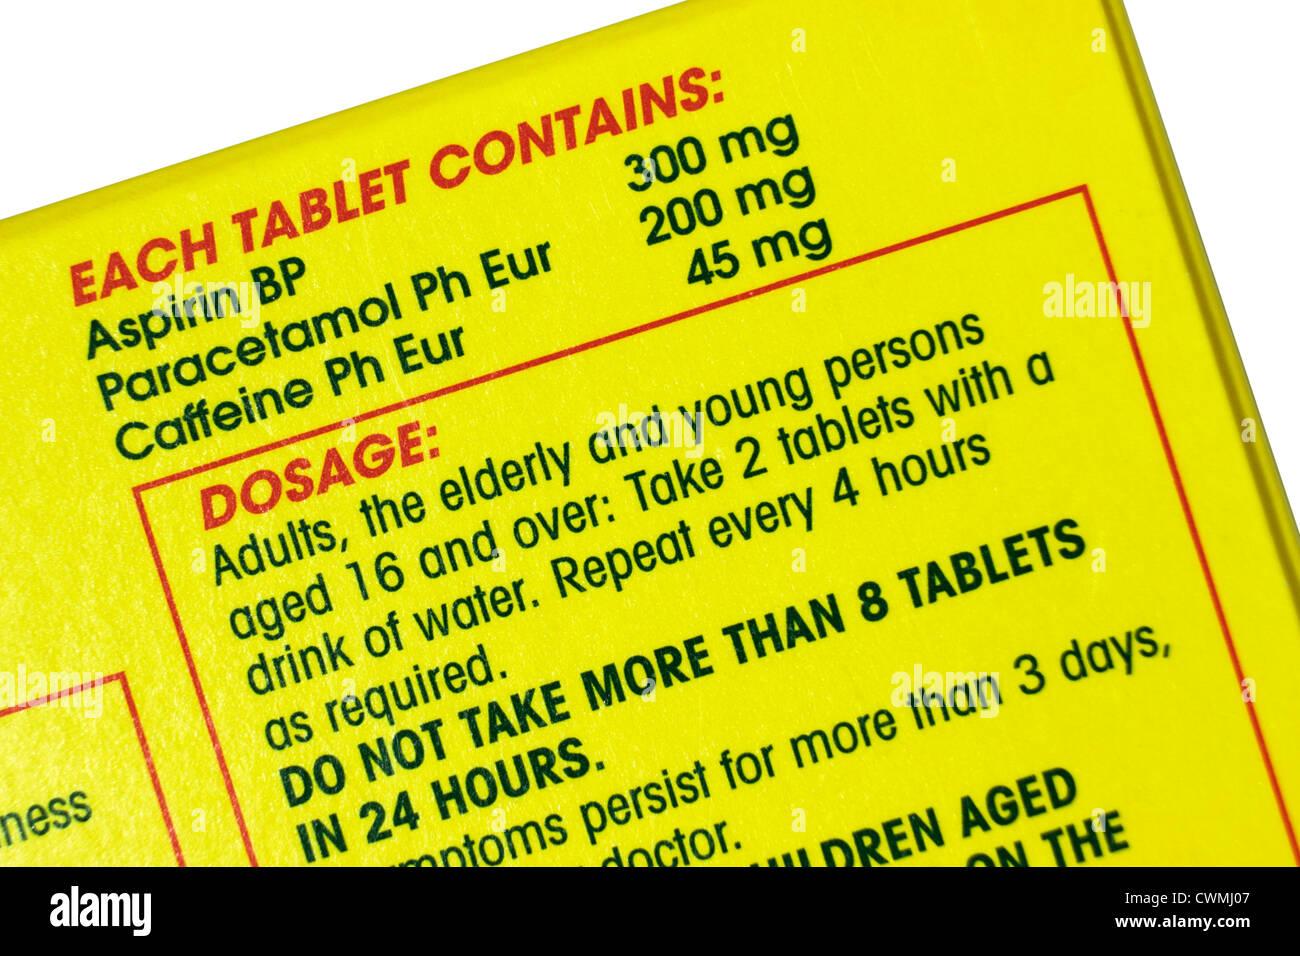 Anadin Extra Dosage Instructions - Stock Image